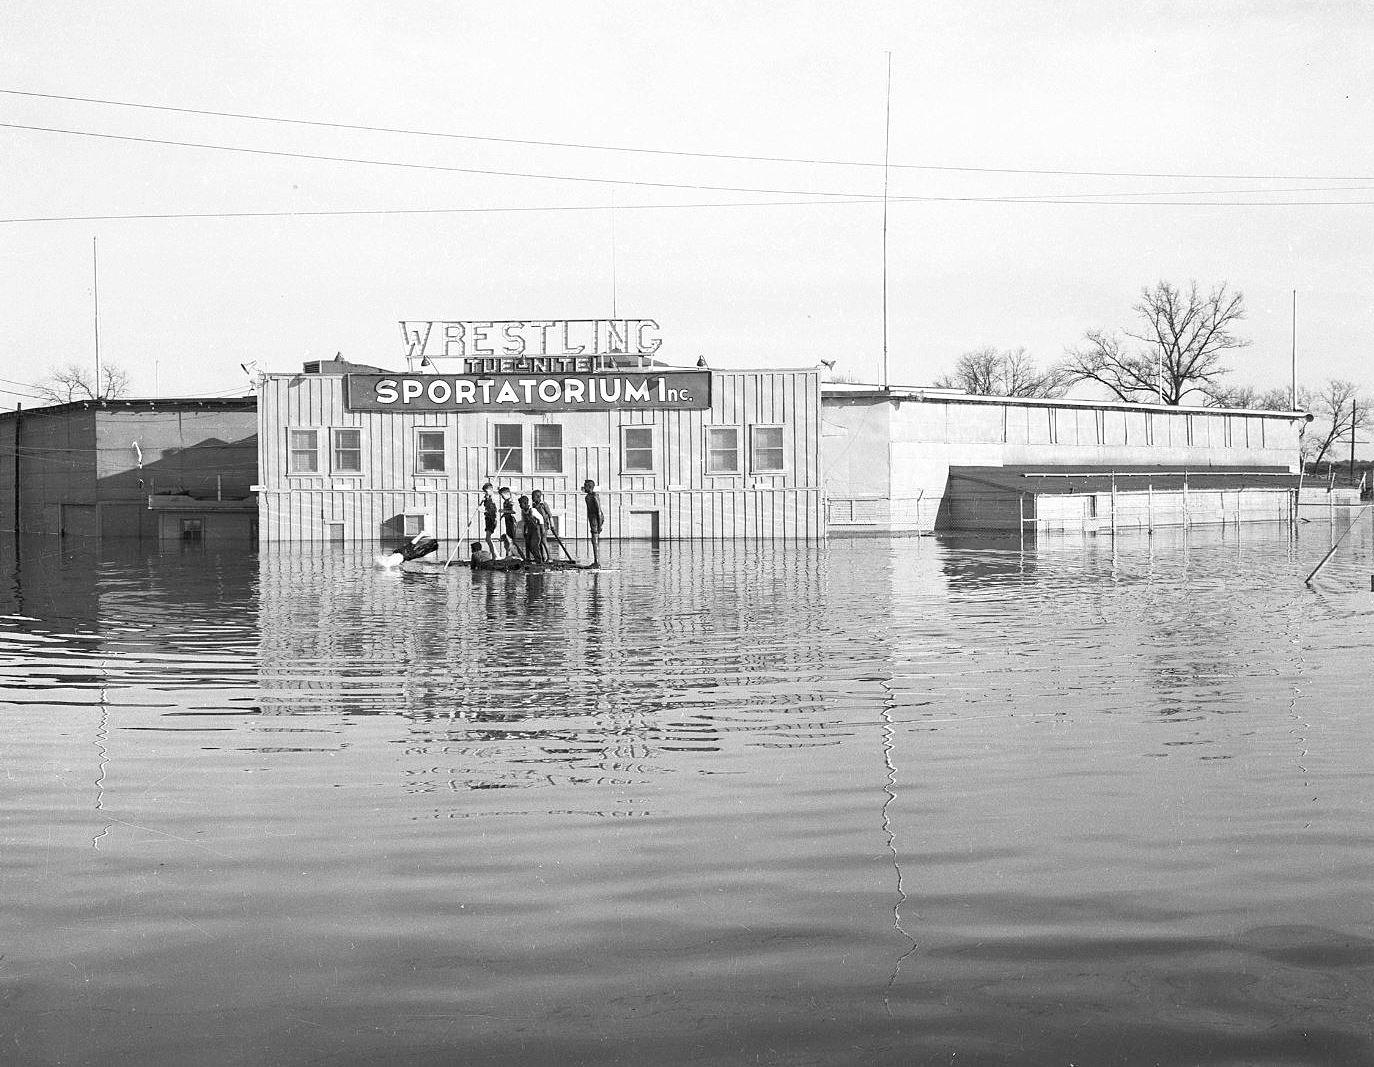 sportatorium_flood_squire-haskins_UTA_boys-2